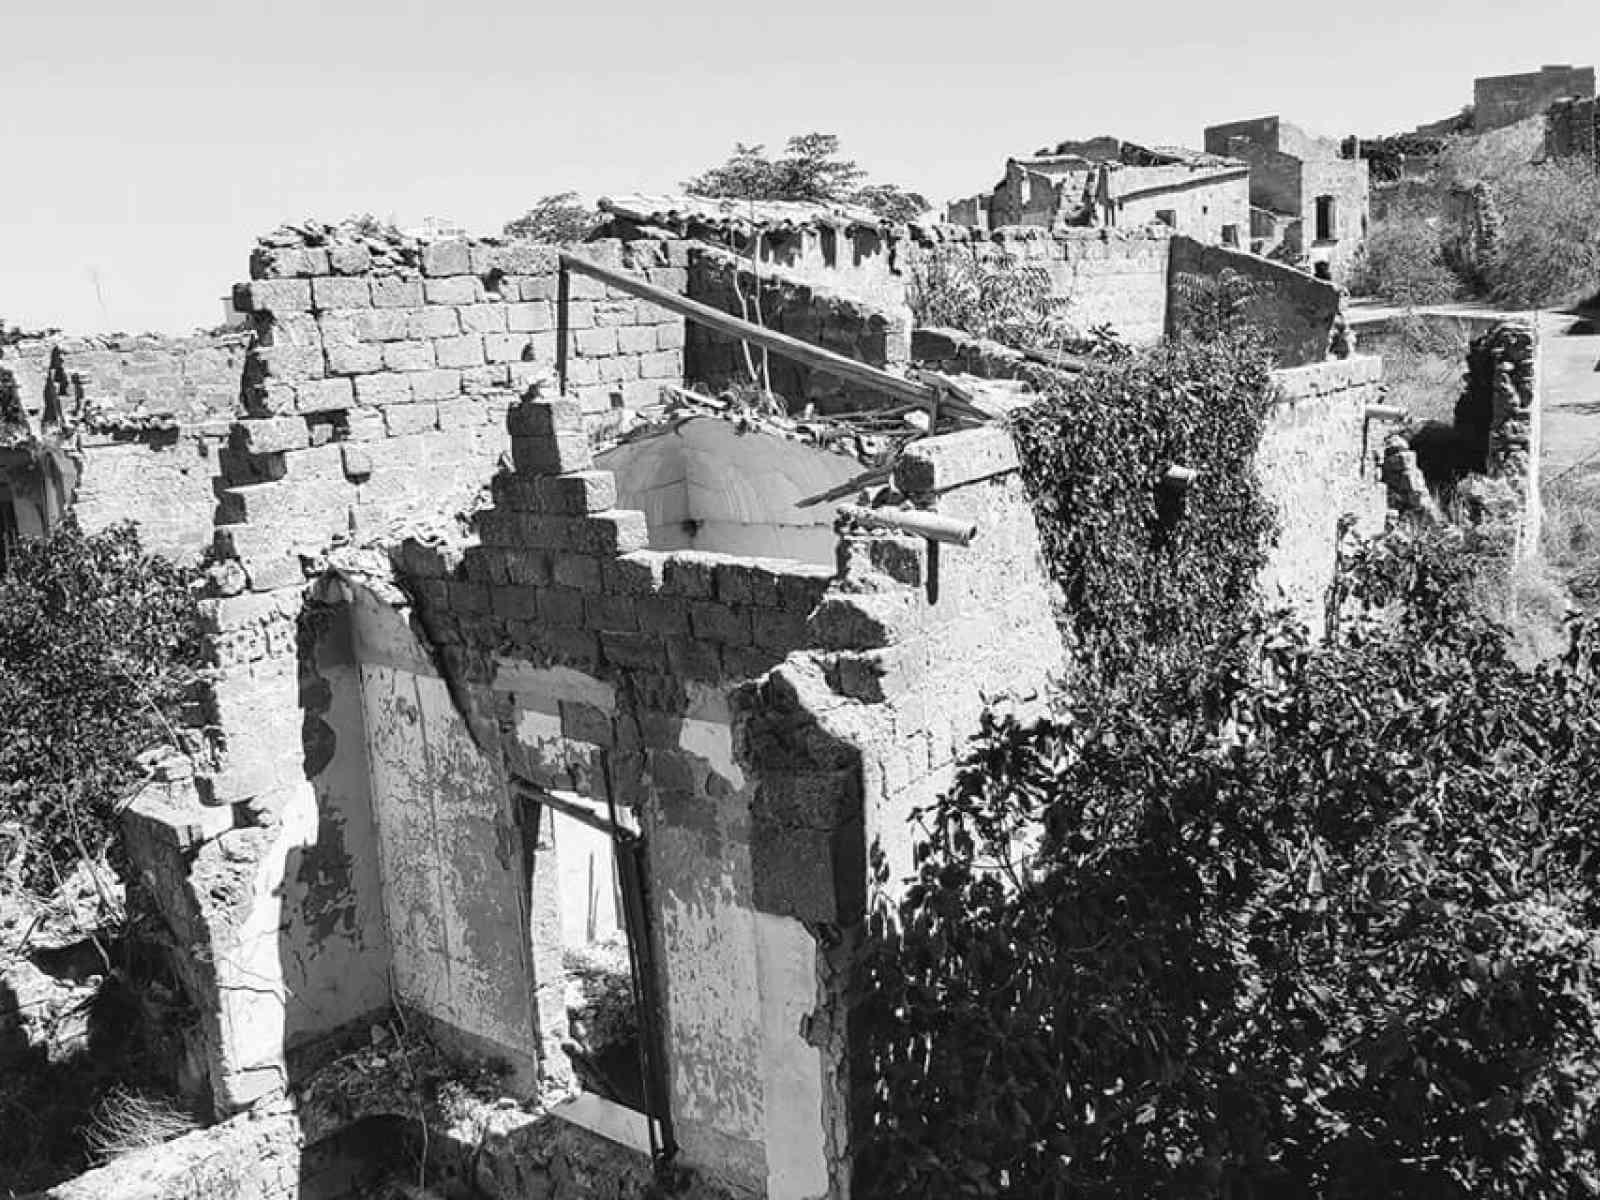 Immagine articolo: La ricostruzione del Belìce ancora una volta dimenticata dal Governo. Via alle commemorazioni. Ecco gli eventi previsti